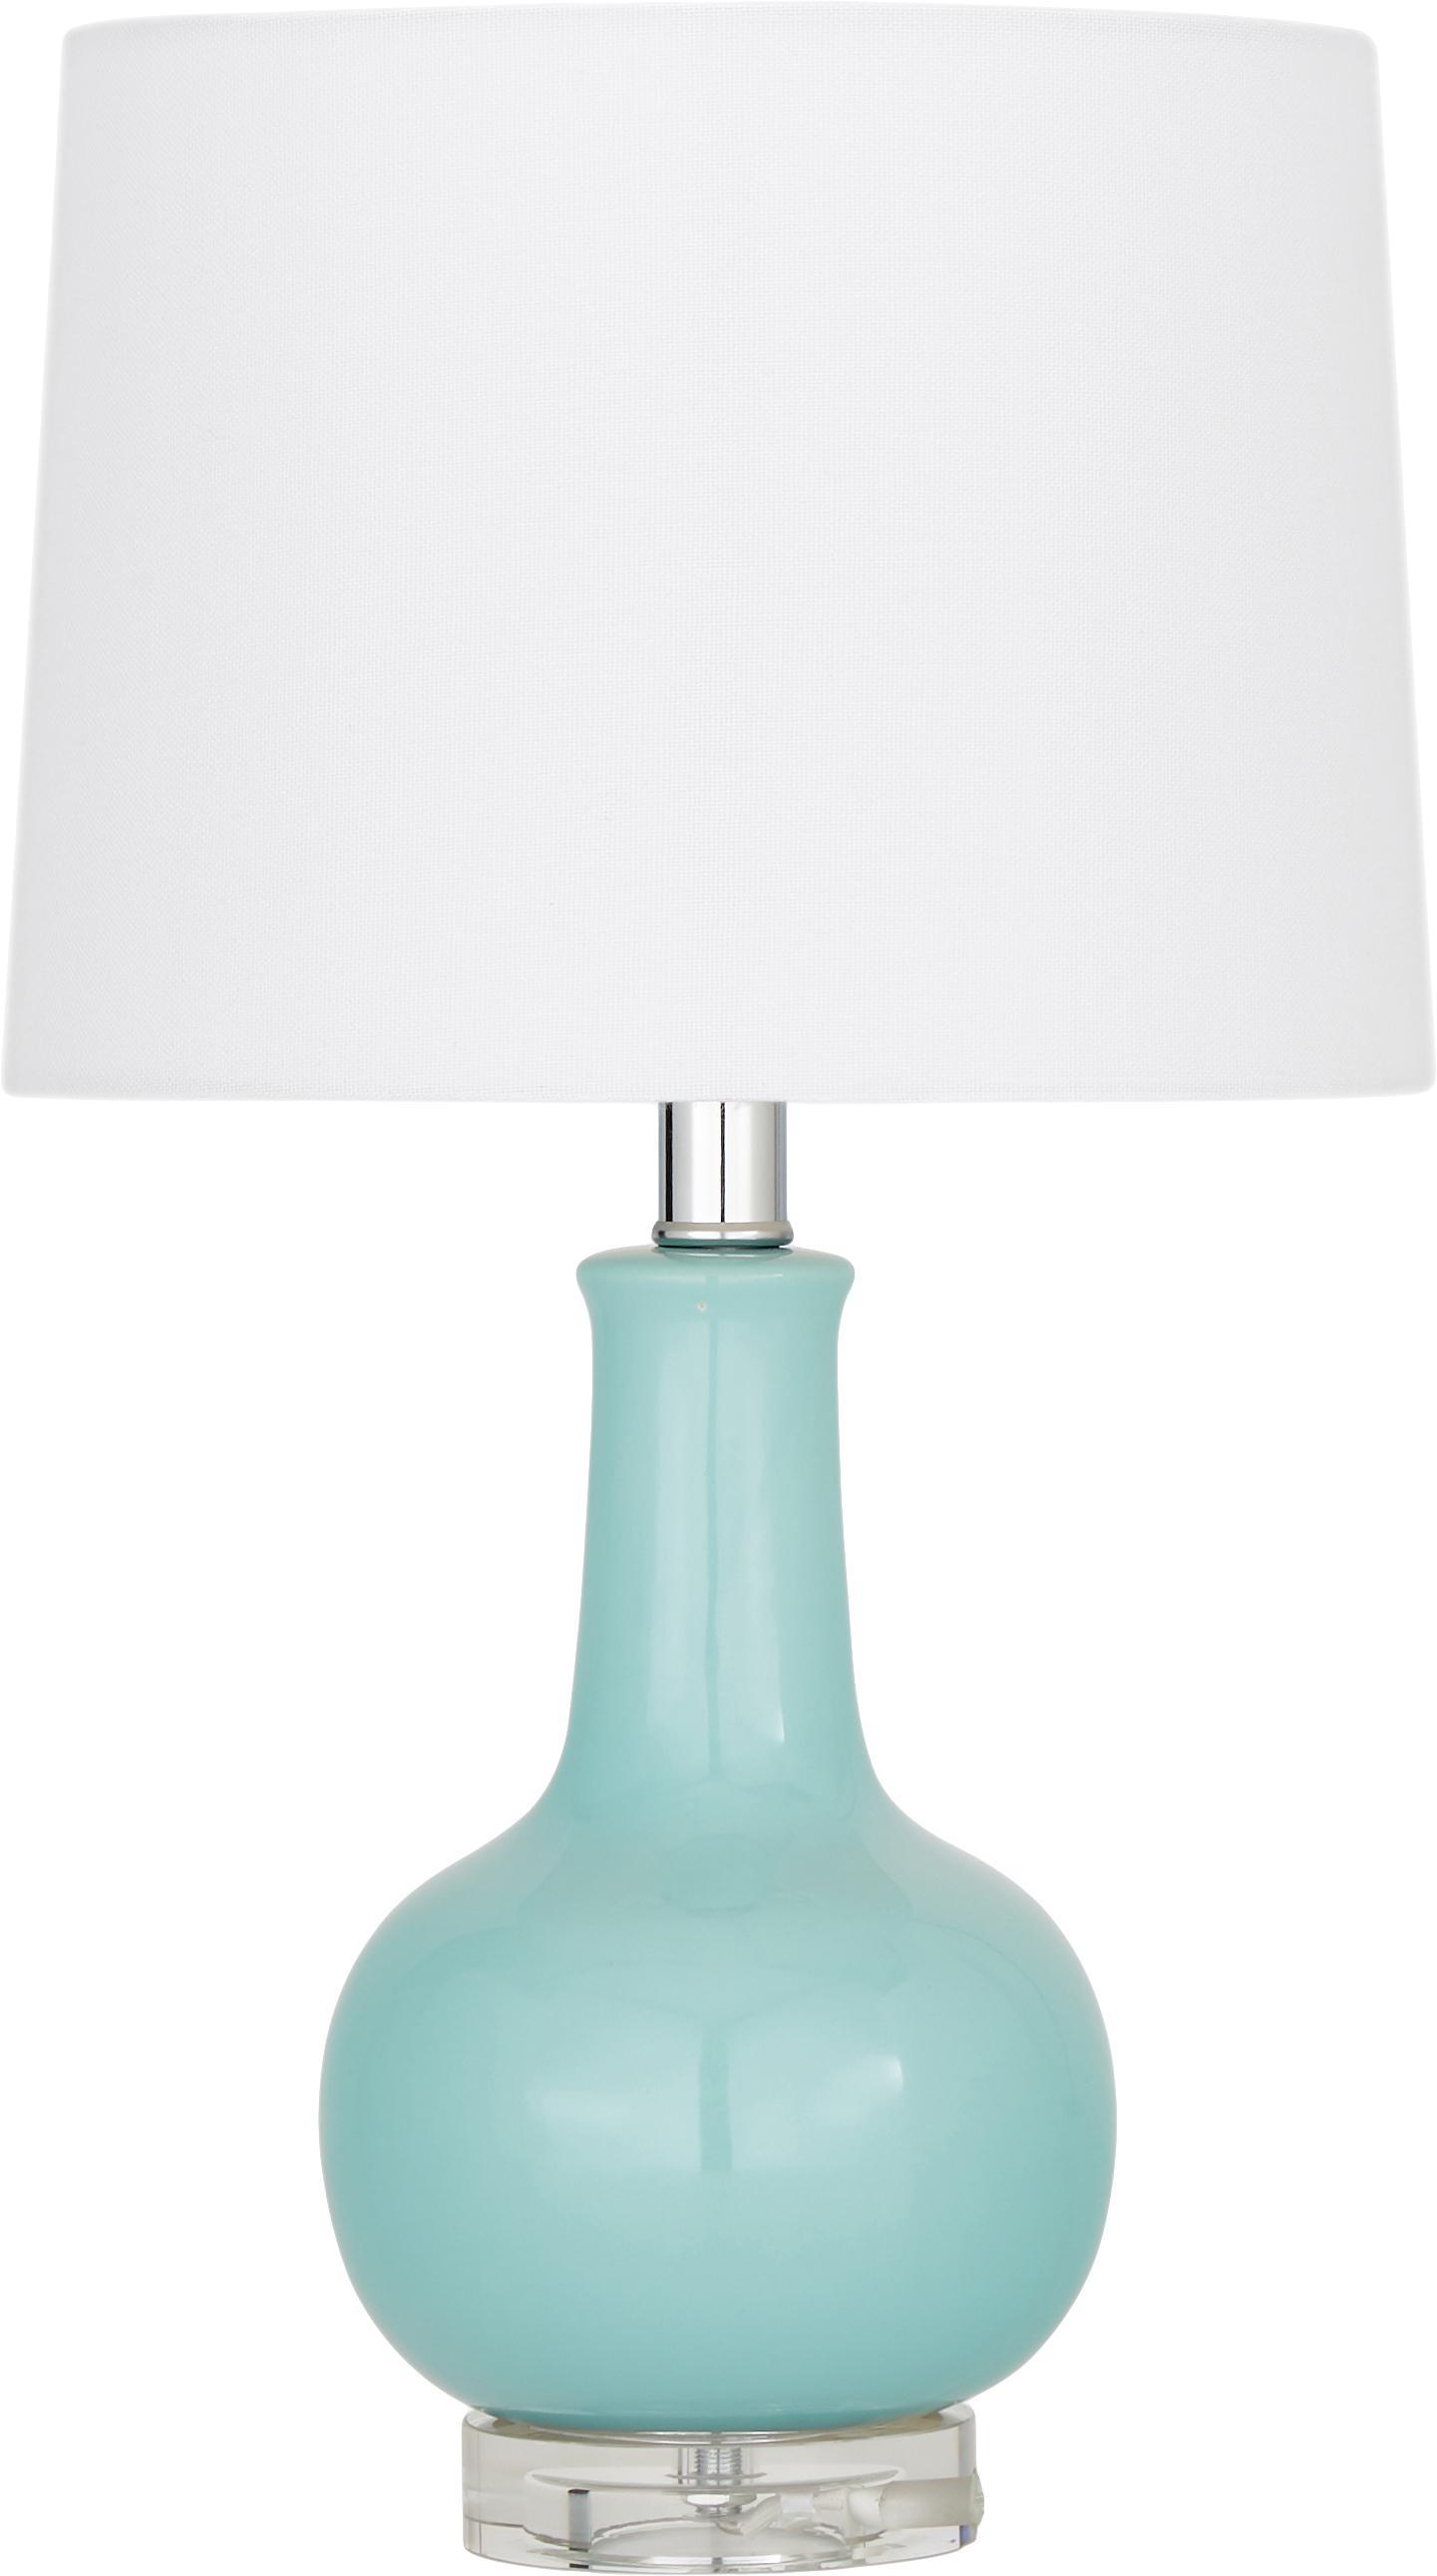 Lampada da tavolo in ceramica Brittany, Paralume: tessuto, Base della lampada: ceramica cristallo, Bianco, turchese, Ø 28 x Alt. 48 cm